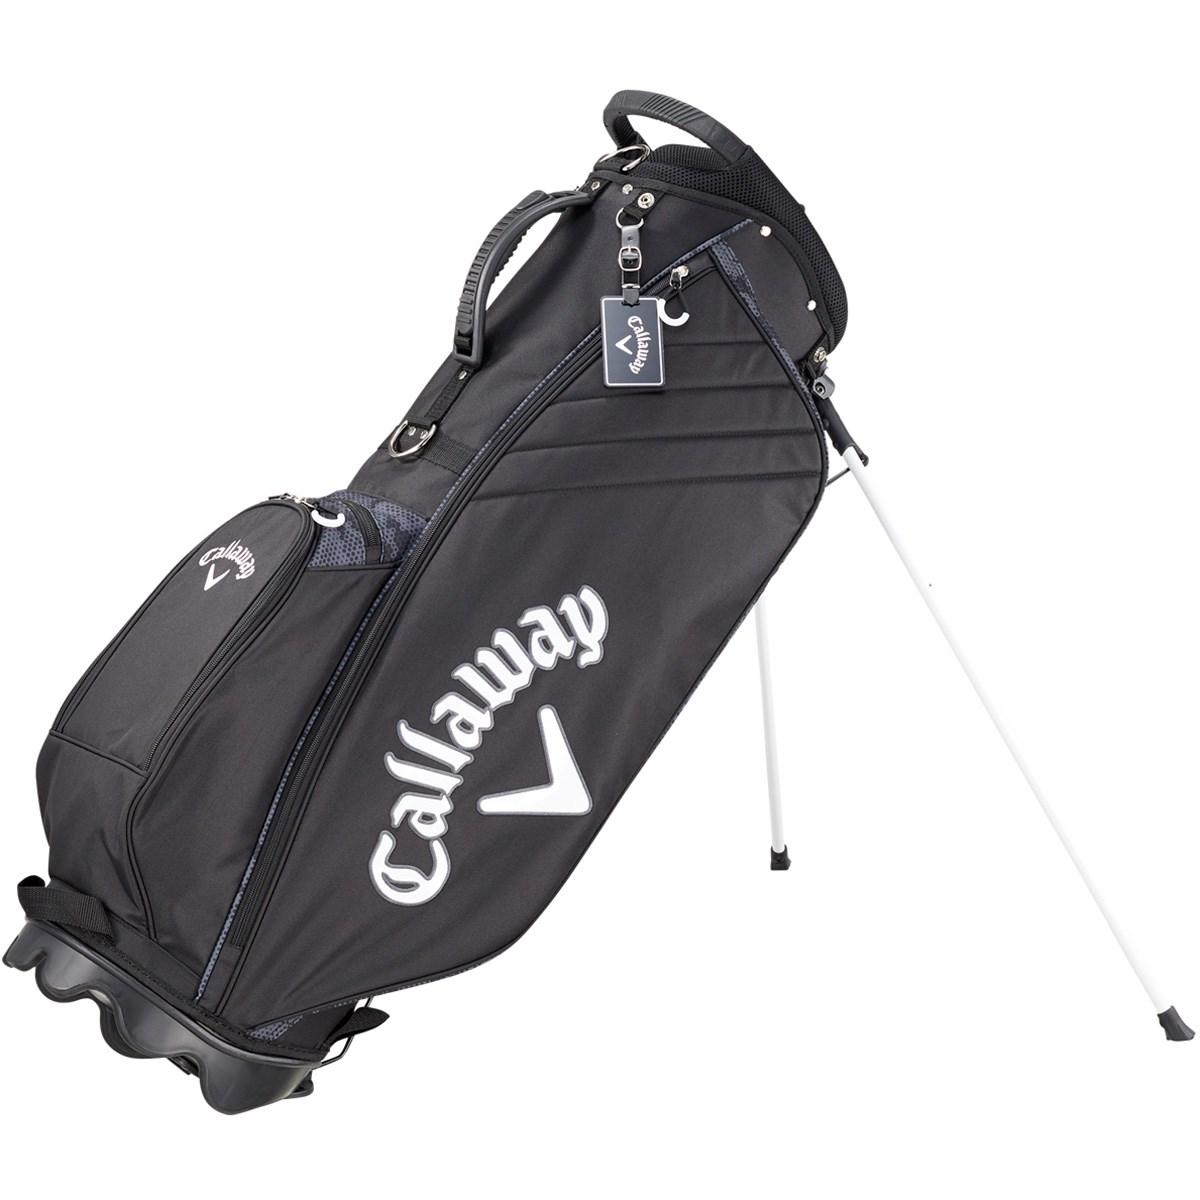 キャロウェイゴルフ(Callaway Golf) BG STN STYLE スタンドキャディバッグ